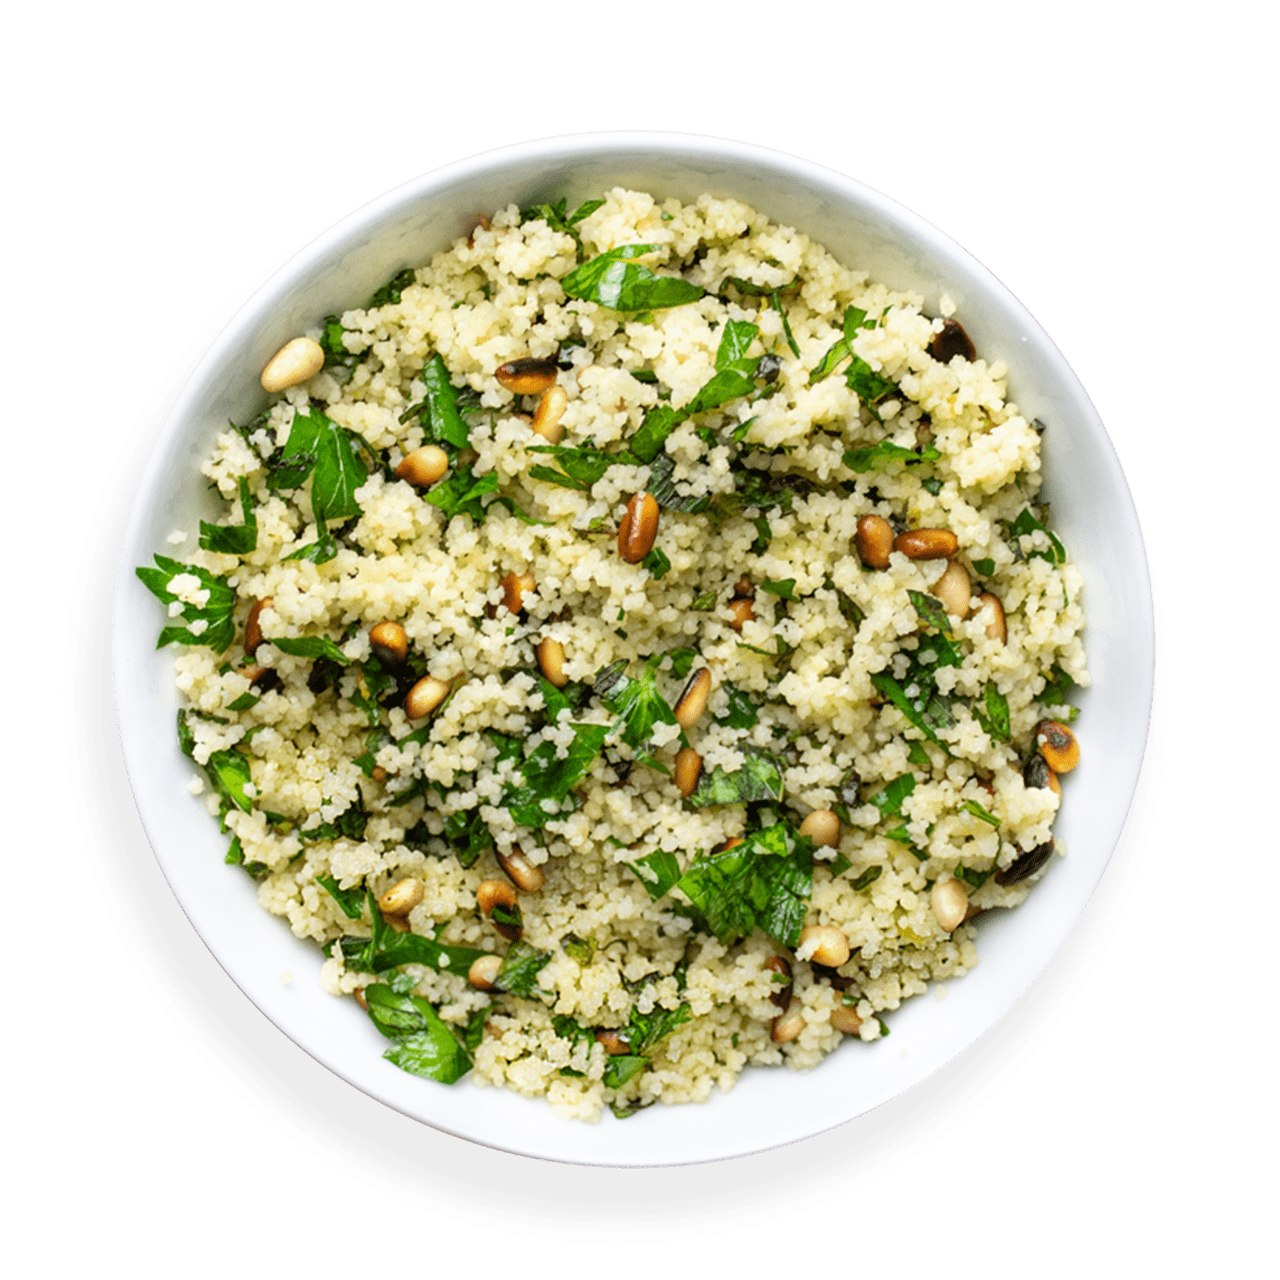 tostibanaan-couscous-salade-munt-pijnboompitten